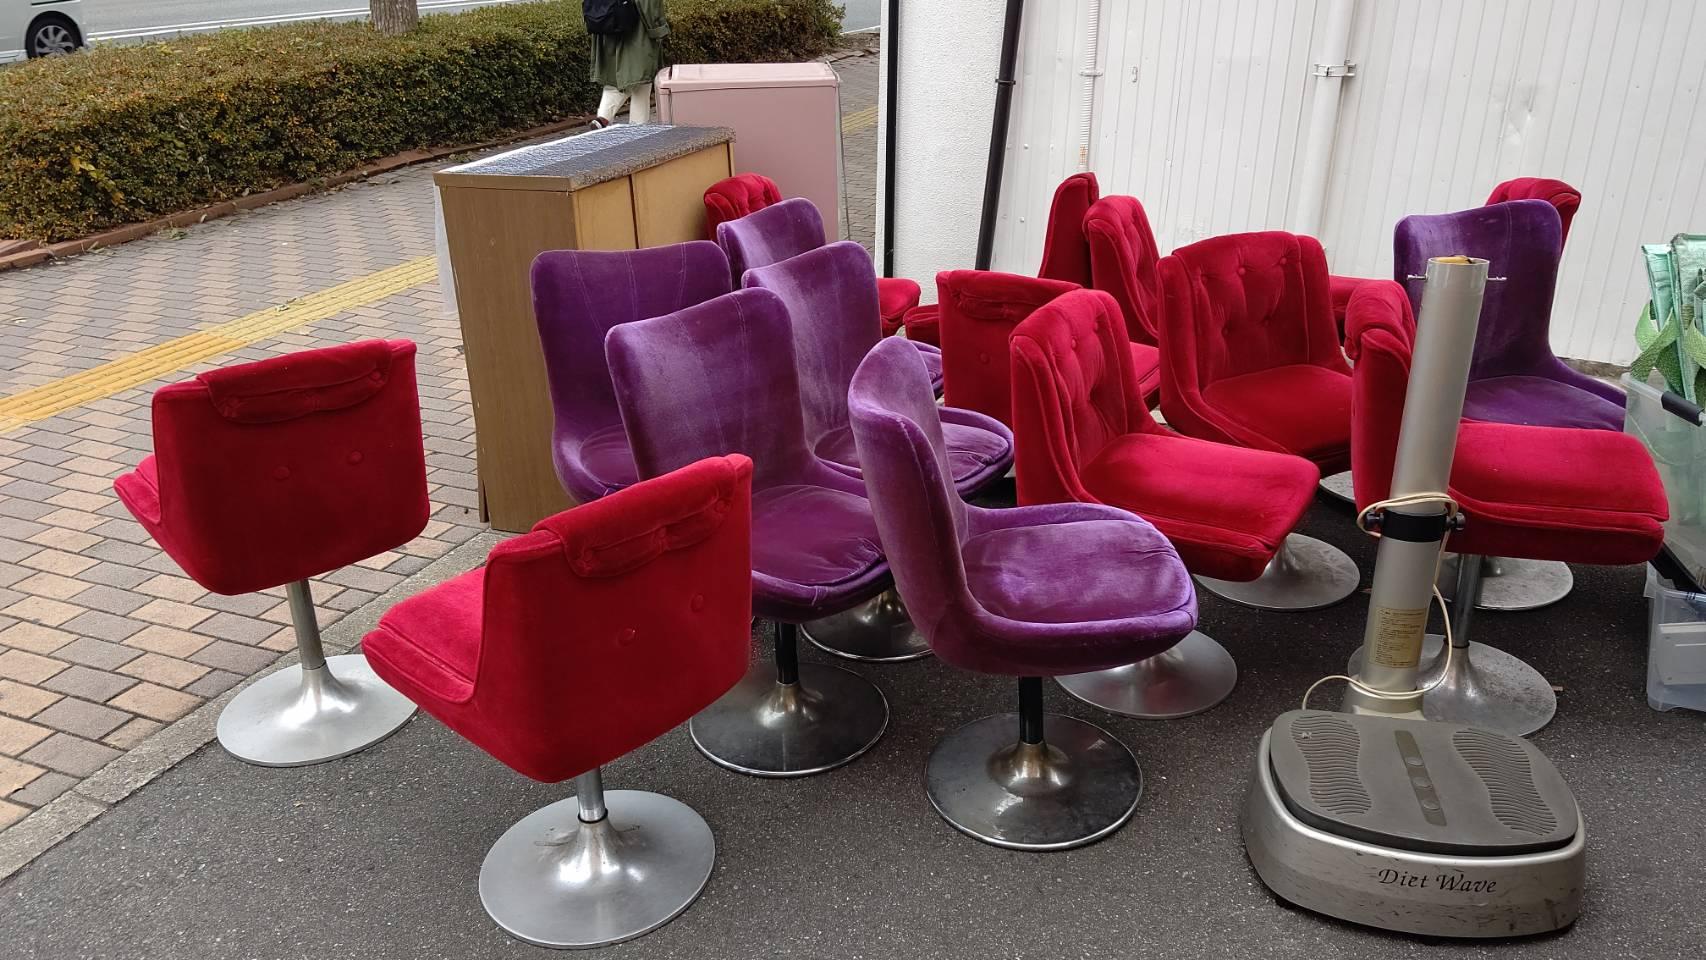 福岡県福岡市の椅子の回収前